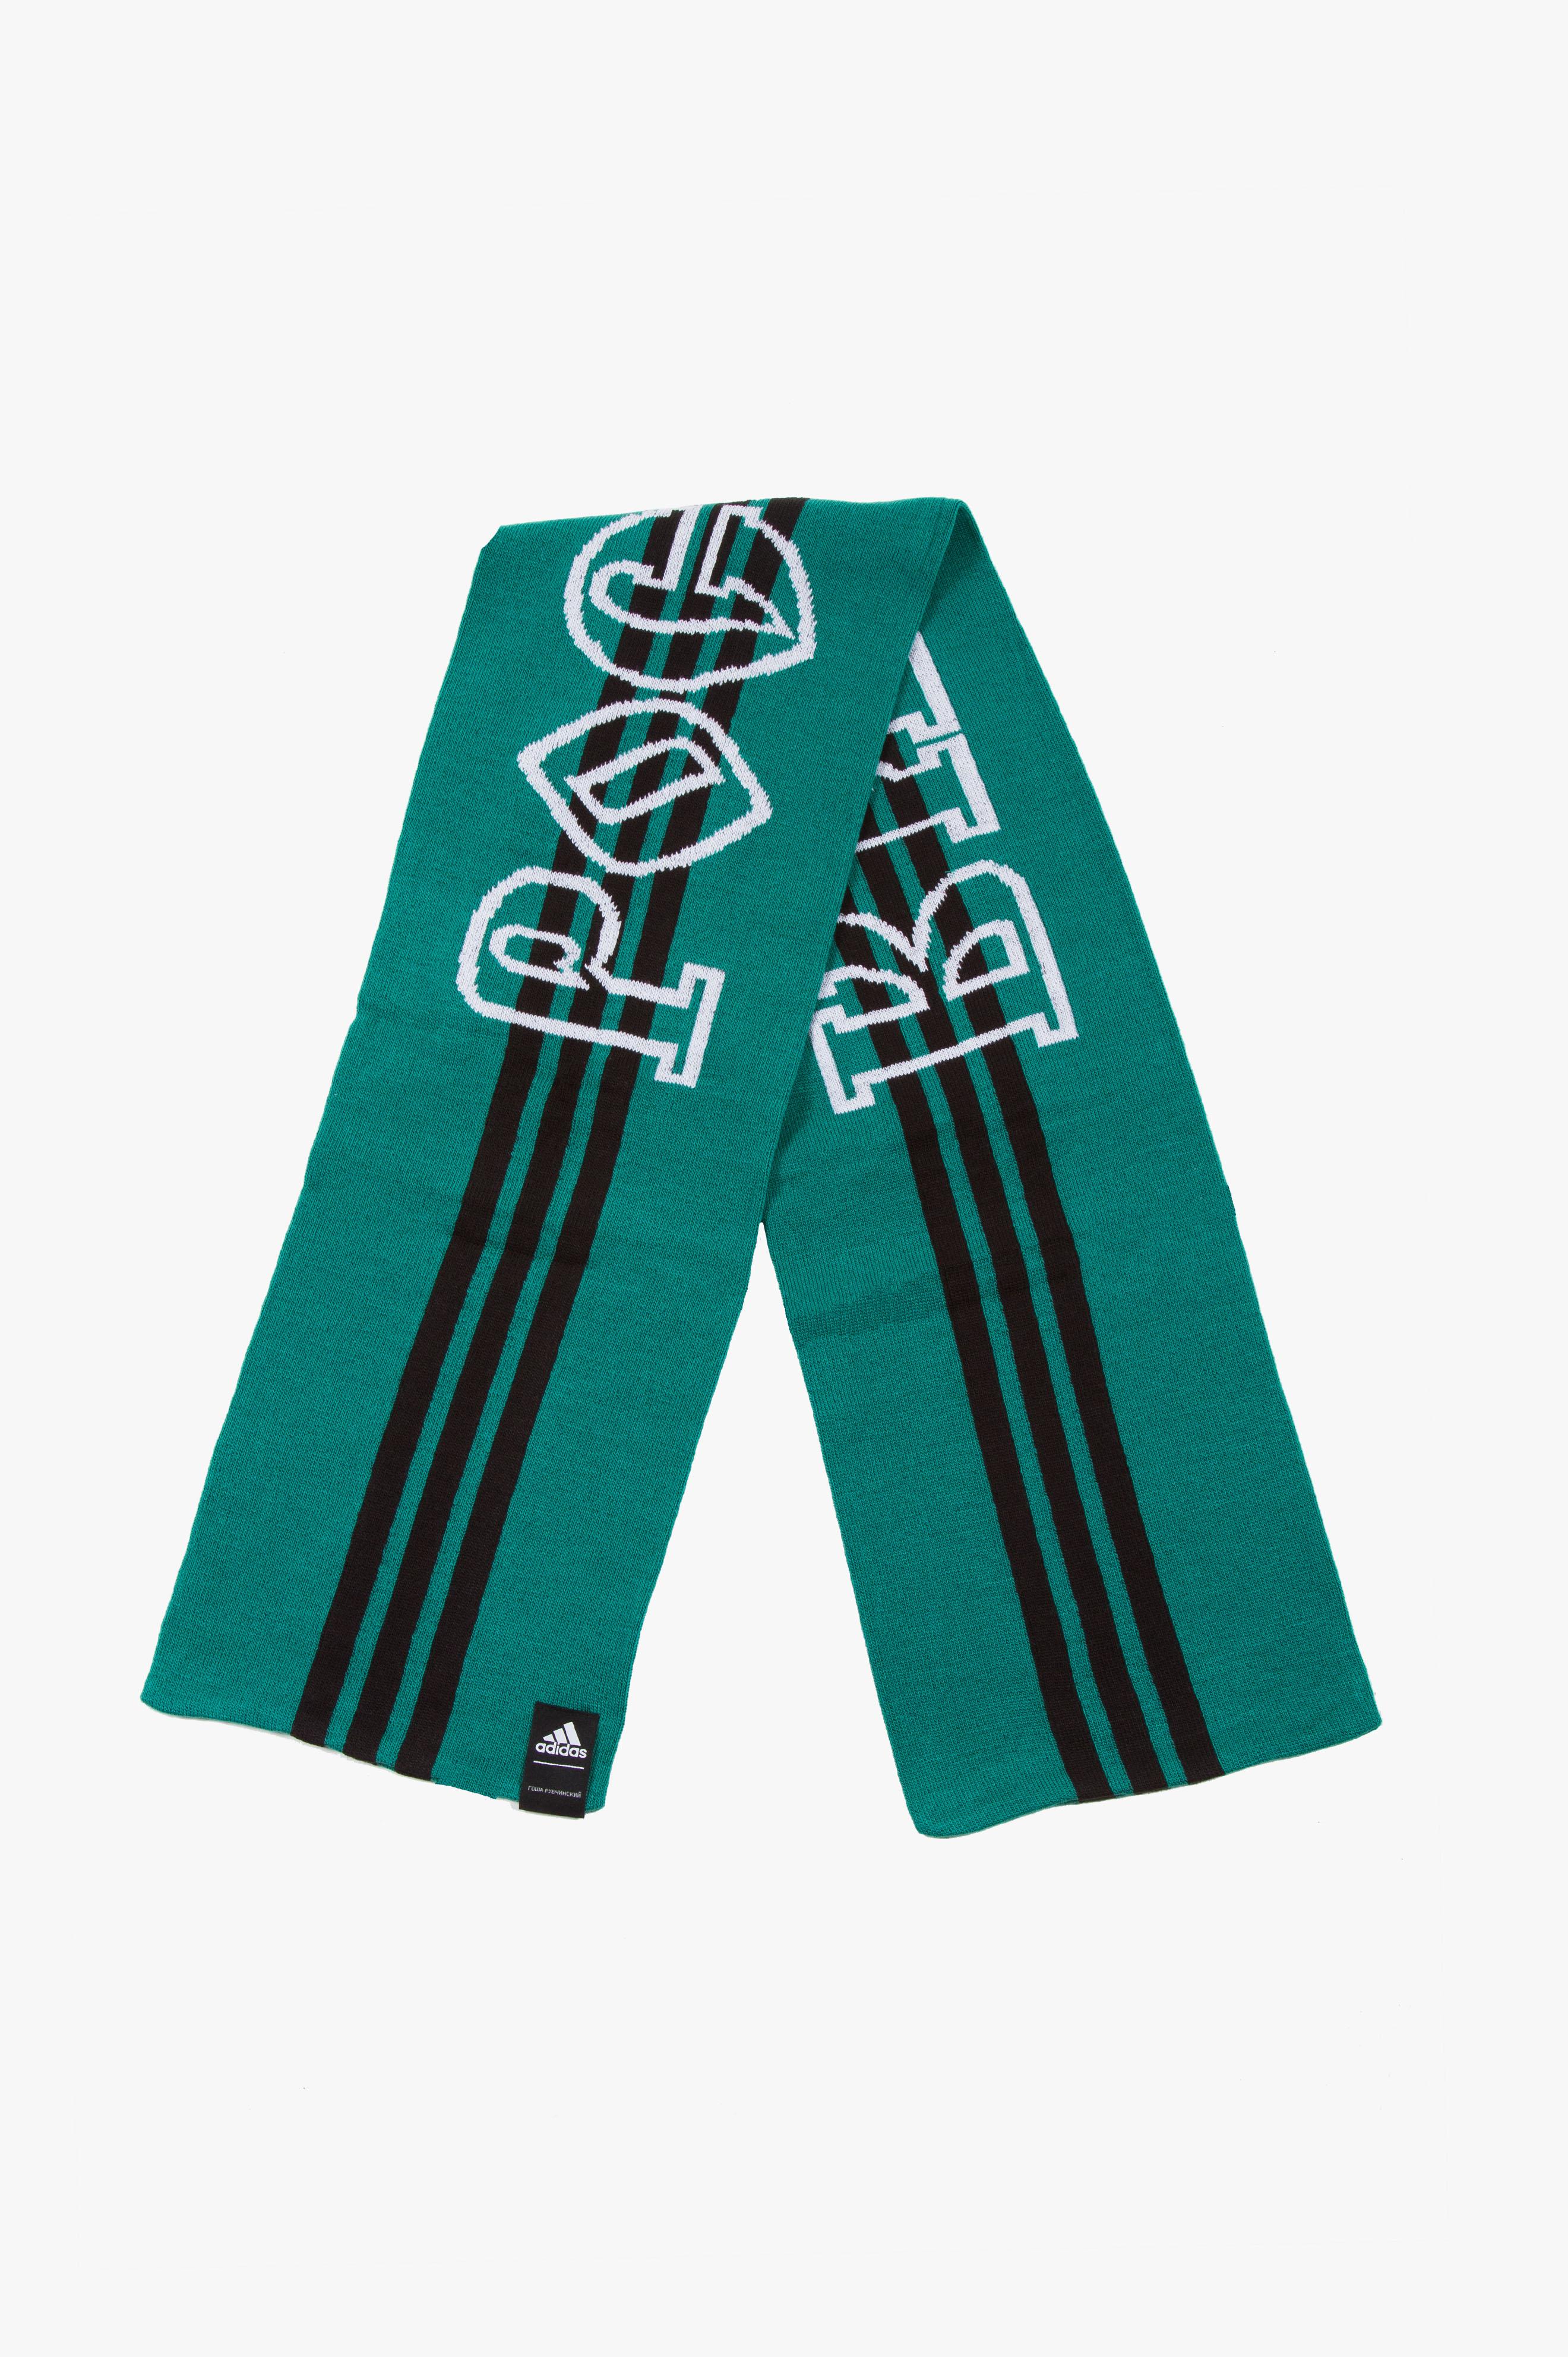 x Adidas Scarf Green